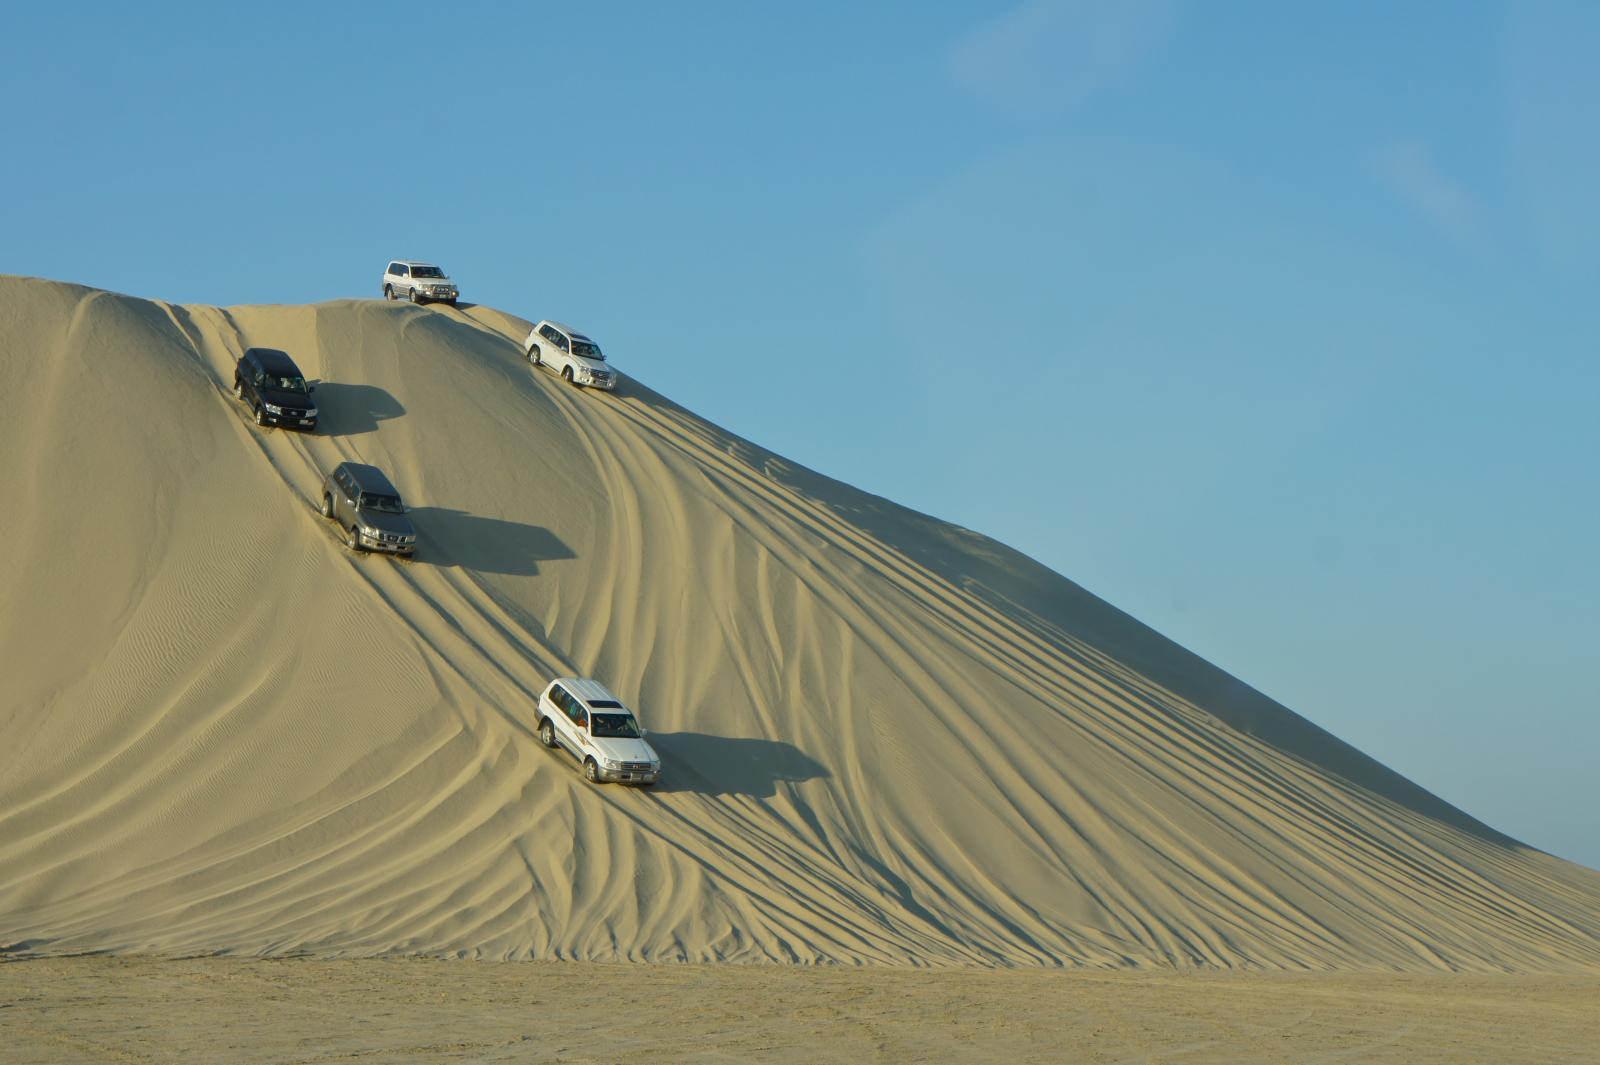 du lịch qatar - dune bashing - elle man 1